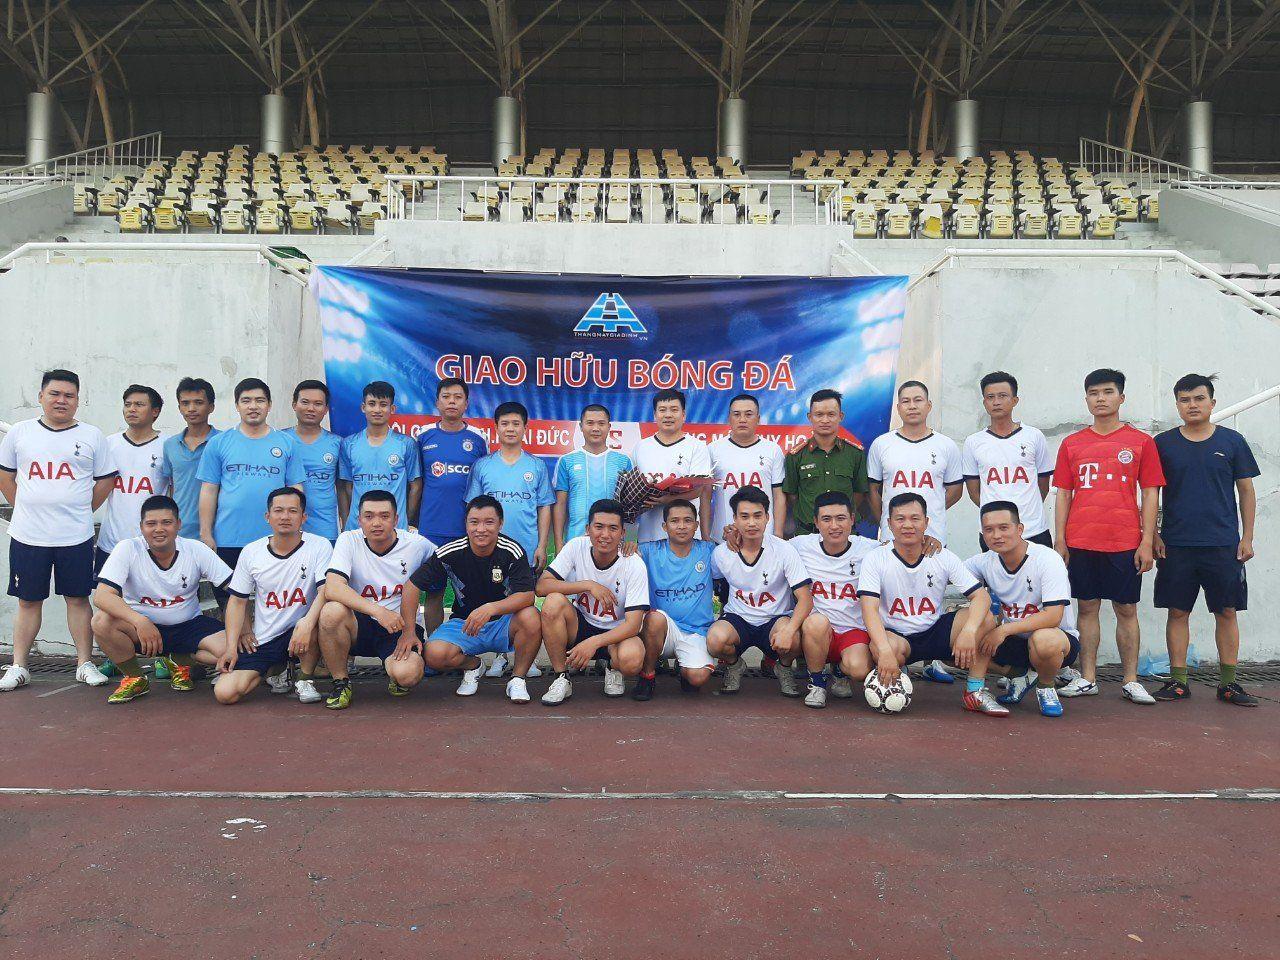 Giao hữu bóng đá FC Huy Hoàng - FC HDP